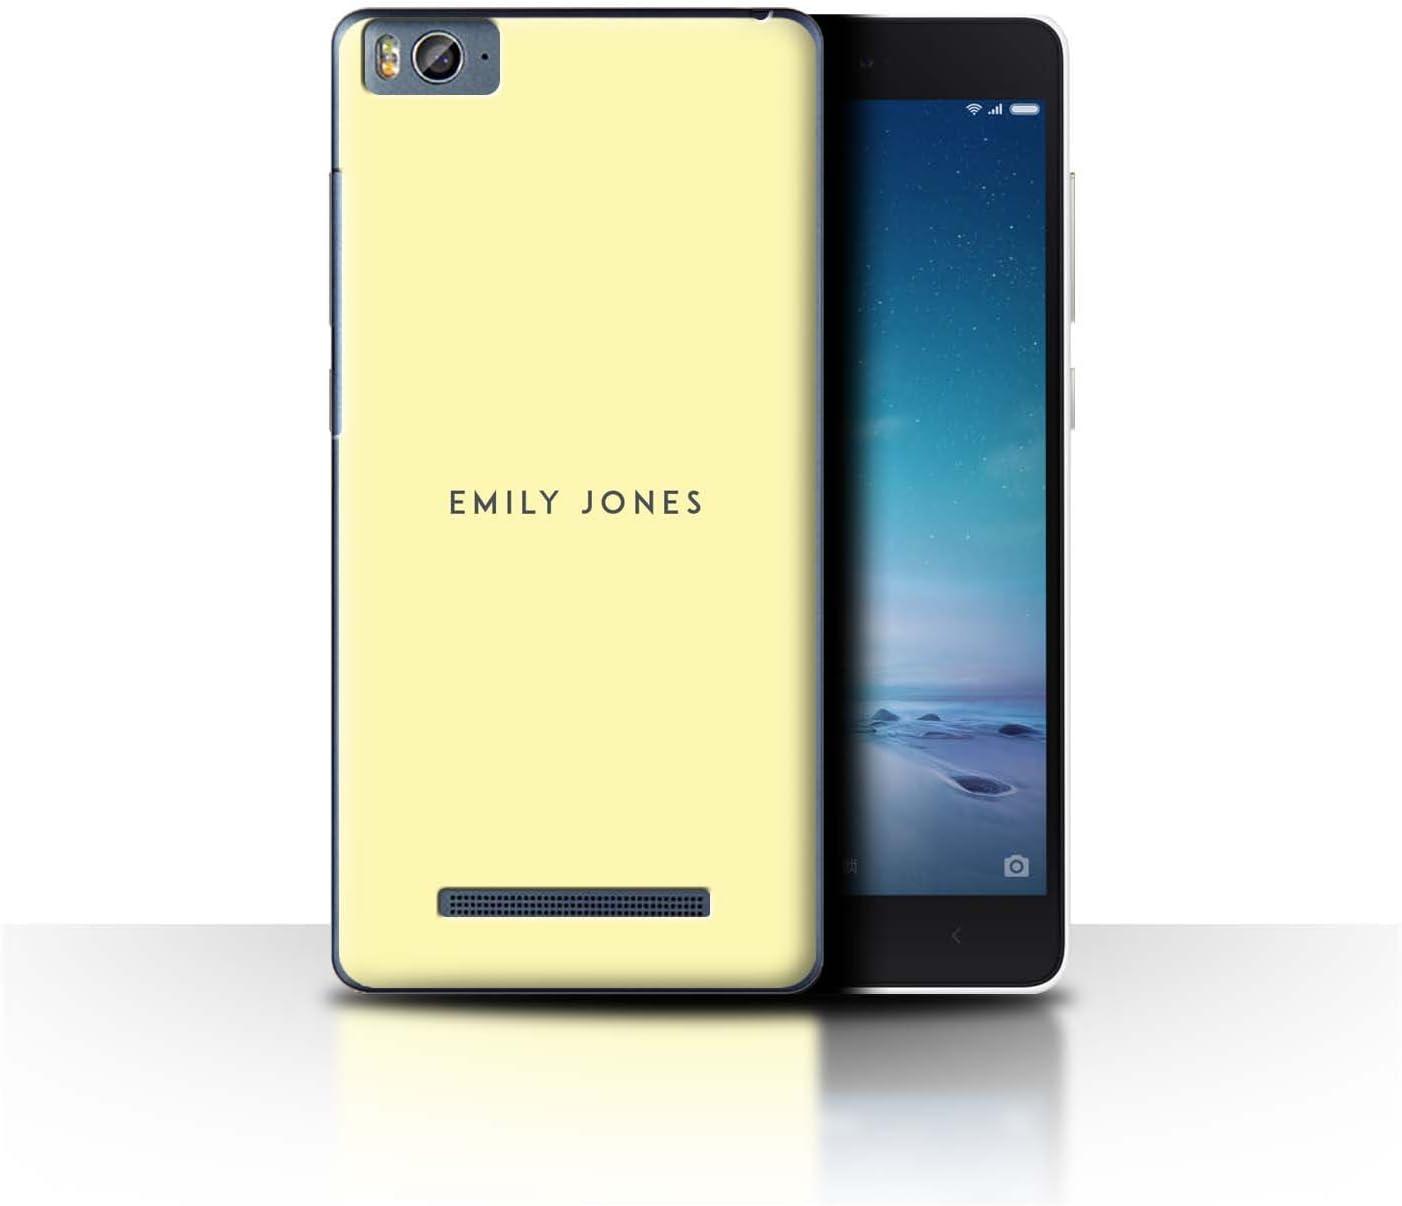 Stuff4 Personalizado Sello Pastel Personalizar Funda para el Xiaomi Mi 4C / Amarillo Diseño/Inicial/Nombre/Texto Carcasa/Estuche/Case